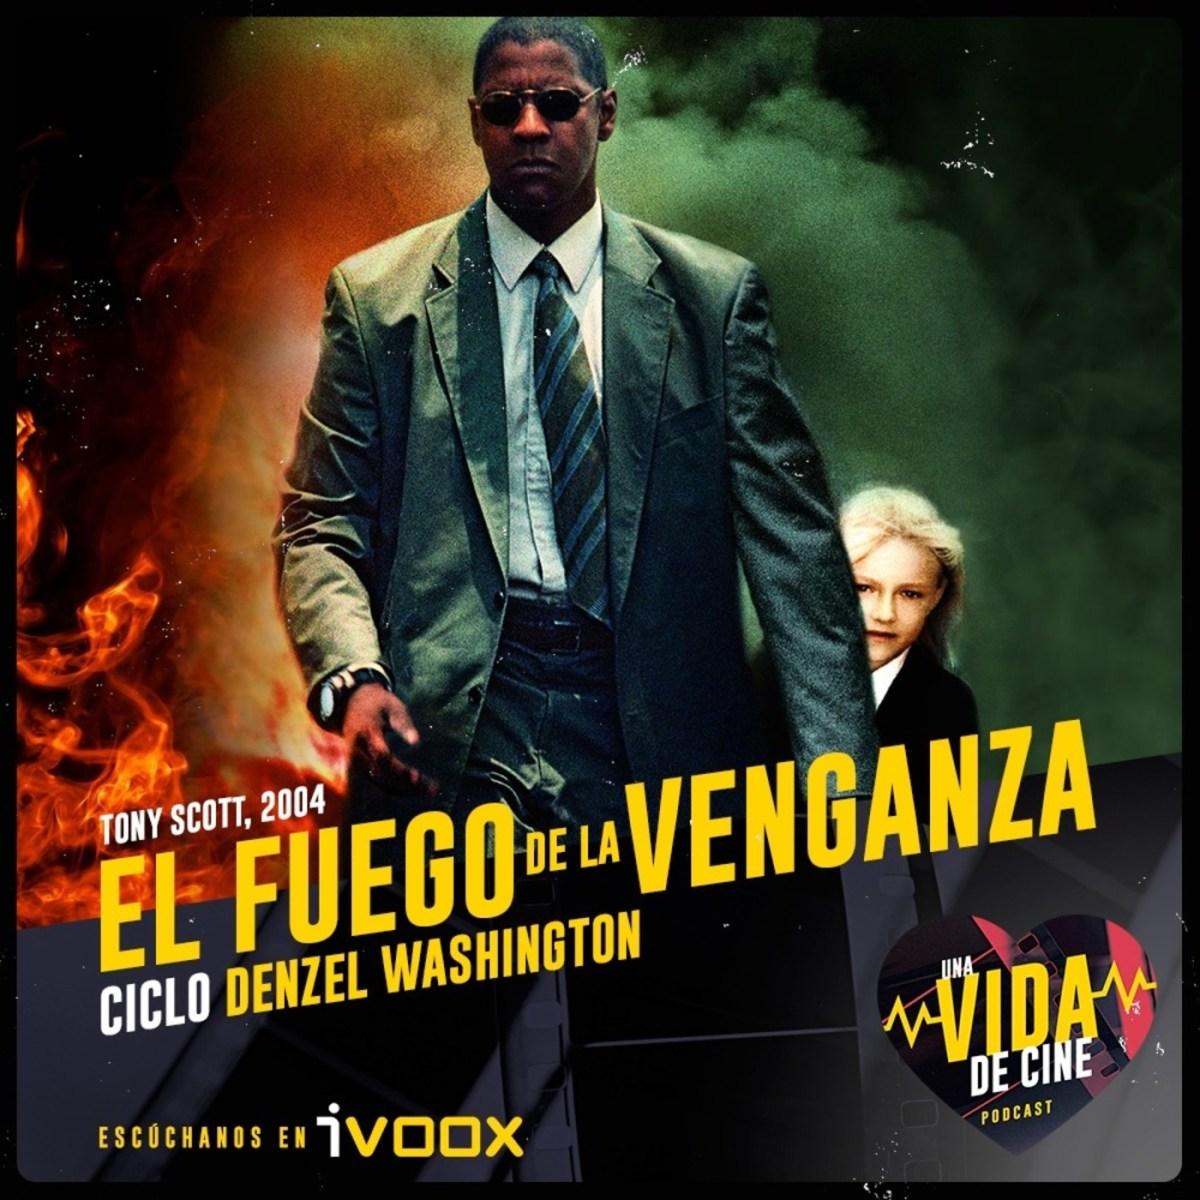 Ciclo Denzel Washington: El Fuego de la Venganza (2004)